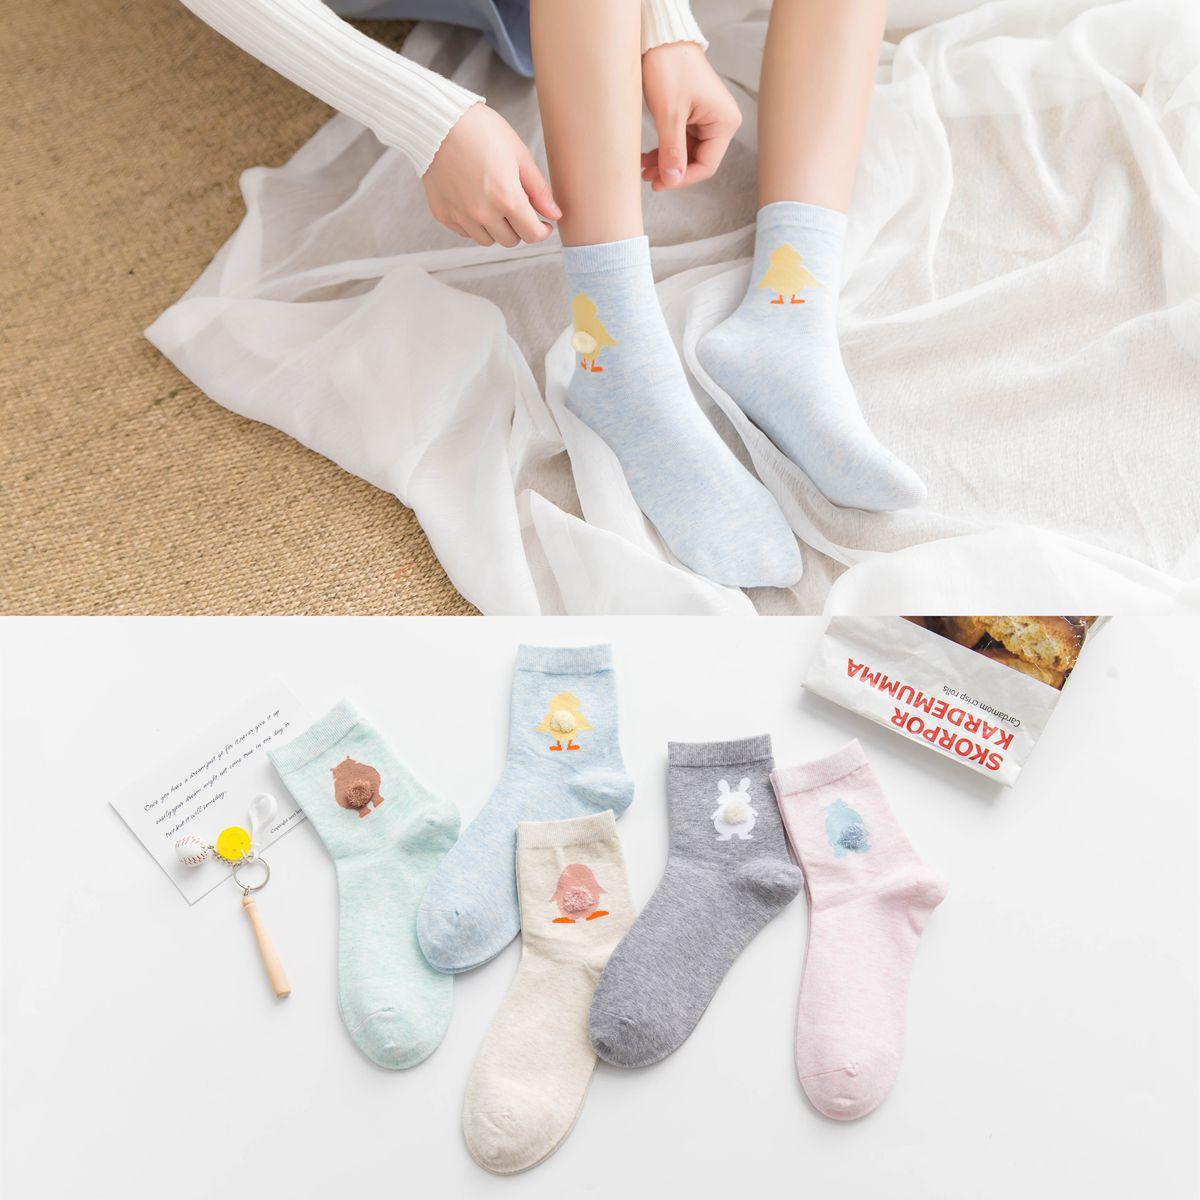 Calze di cotone bella tridimensionale del fumetto calzini Giapponesi Ms. calzini del tubo autunno e inverno nuovo cotone produttori all'ingrosso